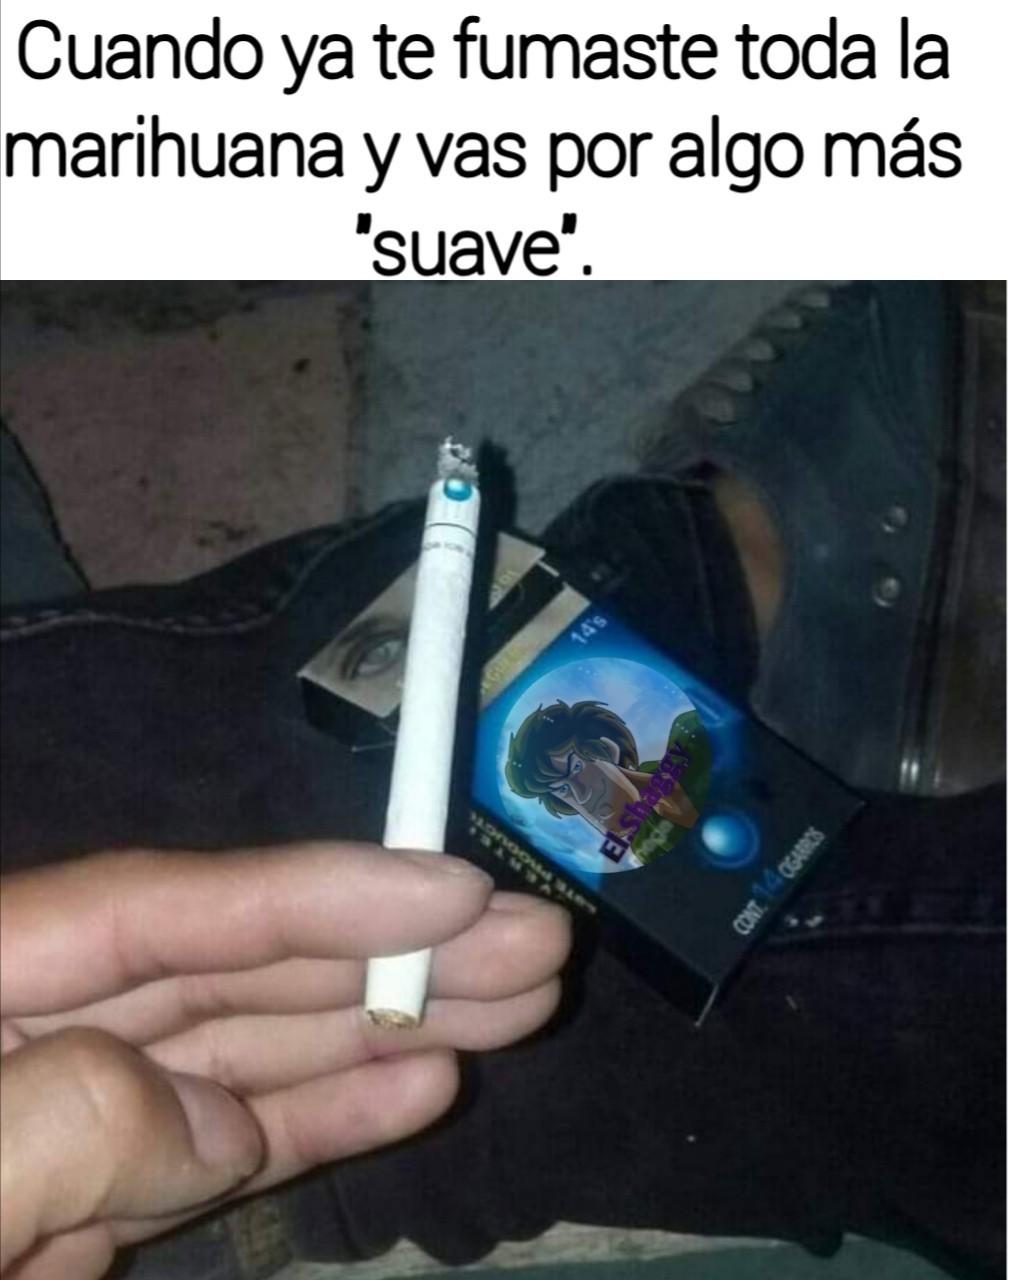 El título se fue a fumar un cigarro - meme